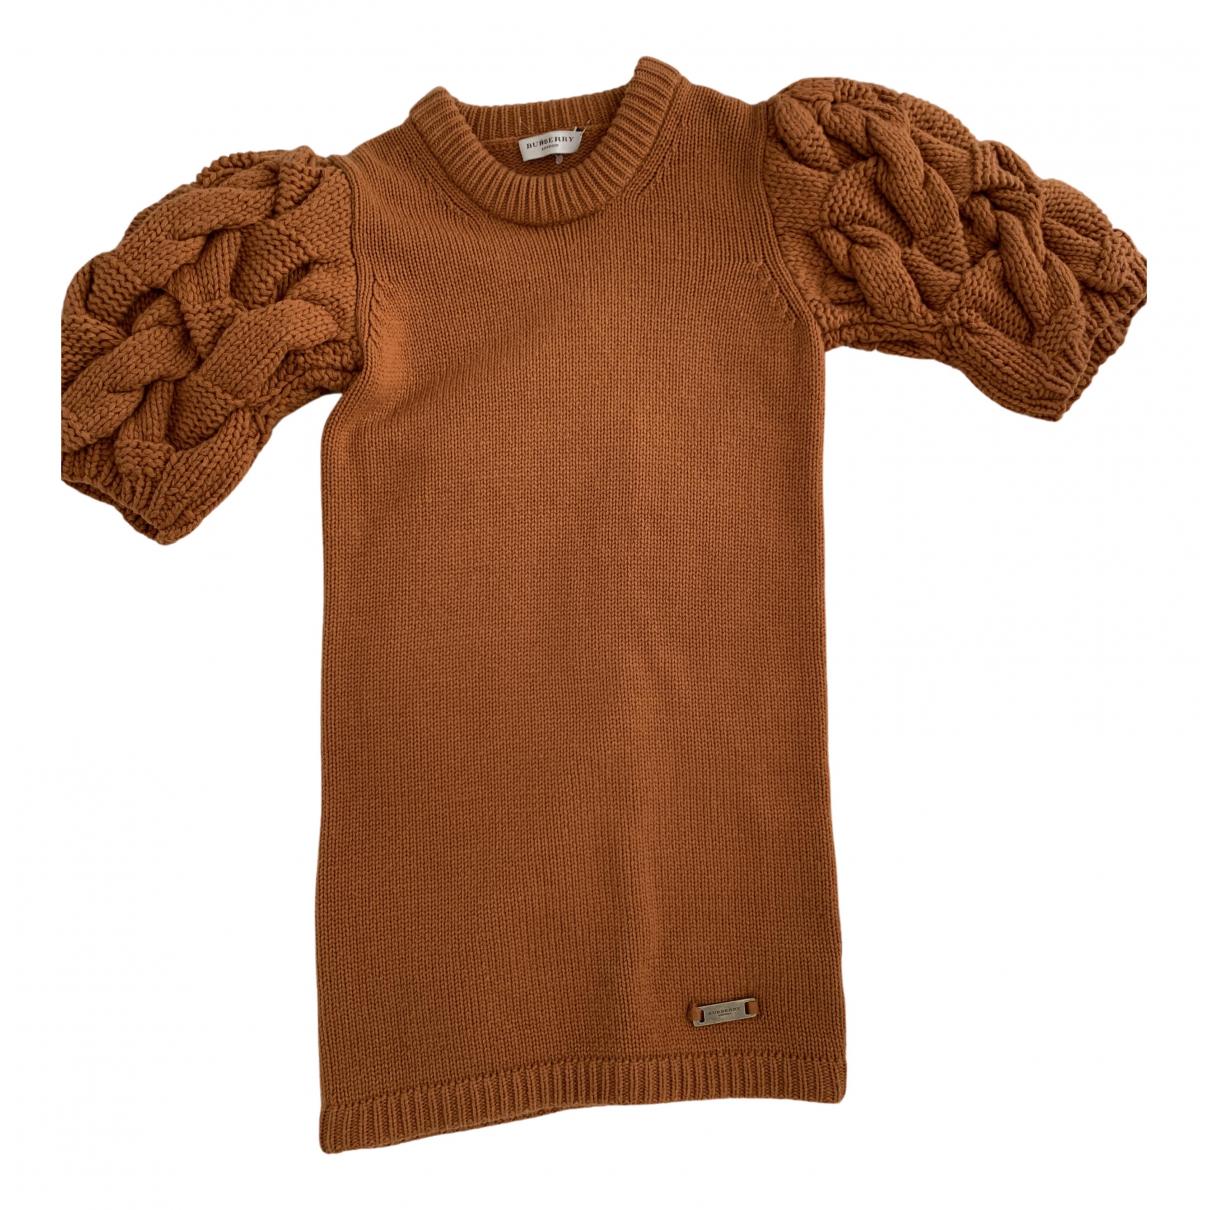 Burberry \N Kleid in  Braun Wolle